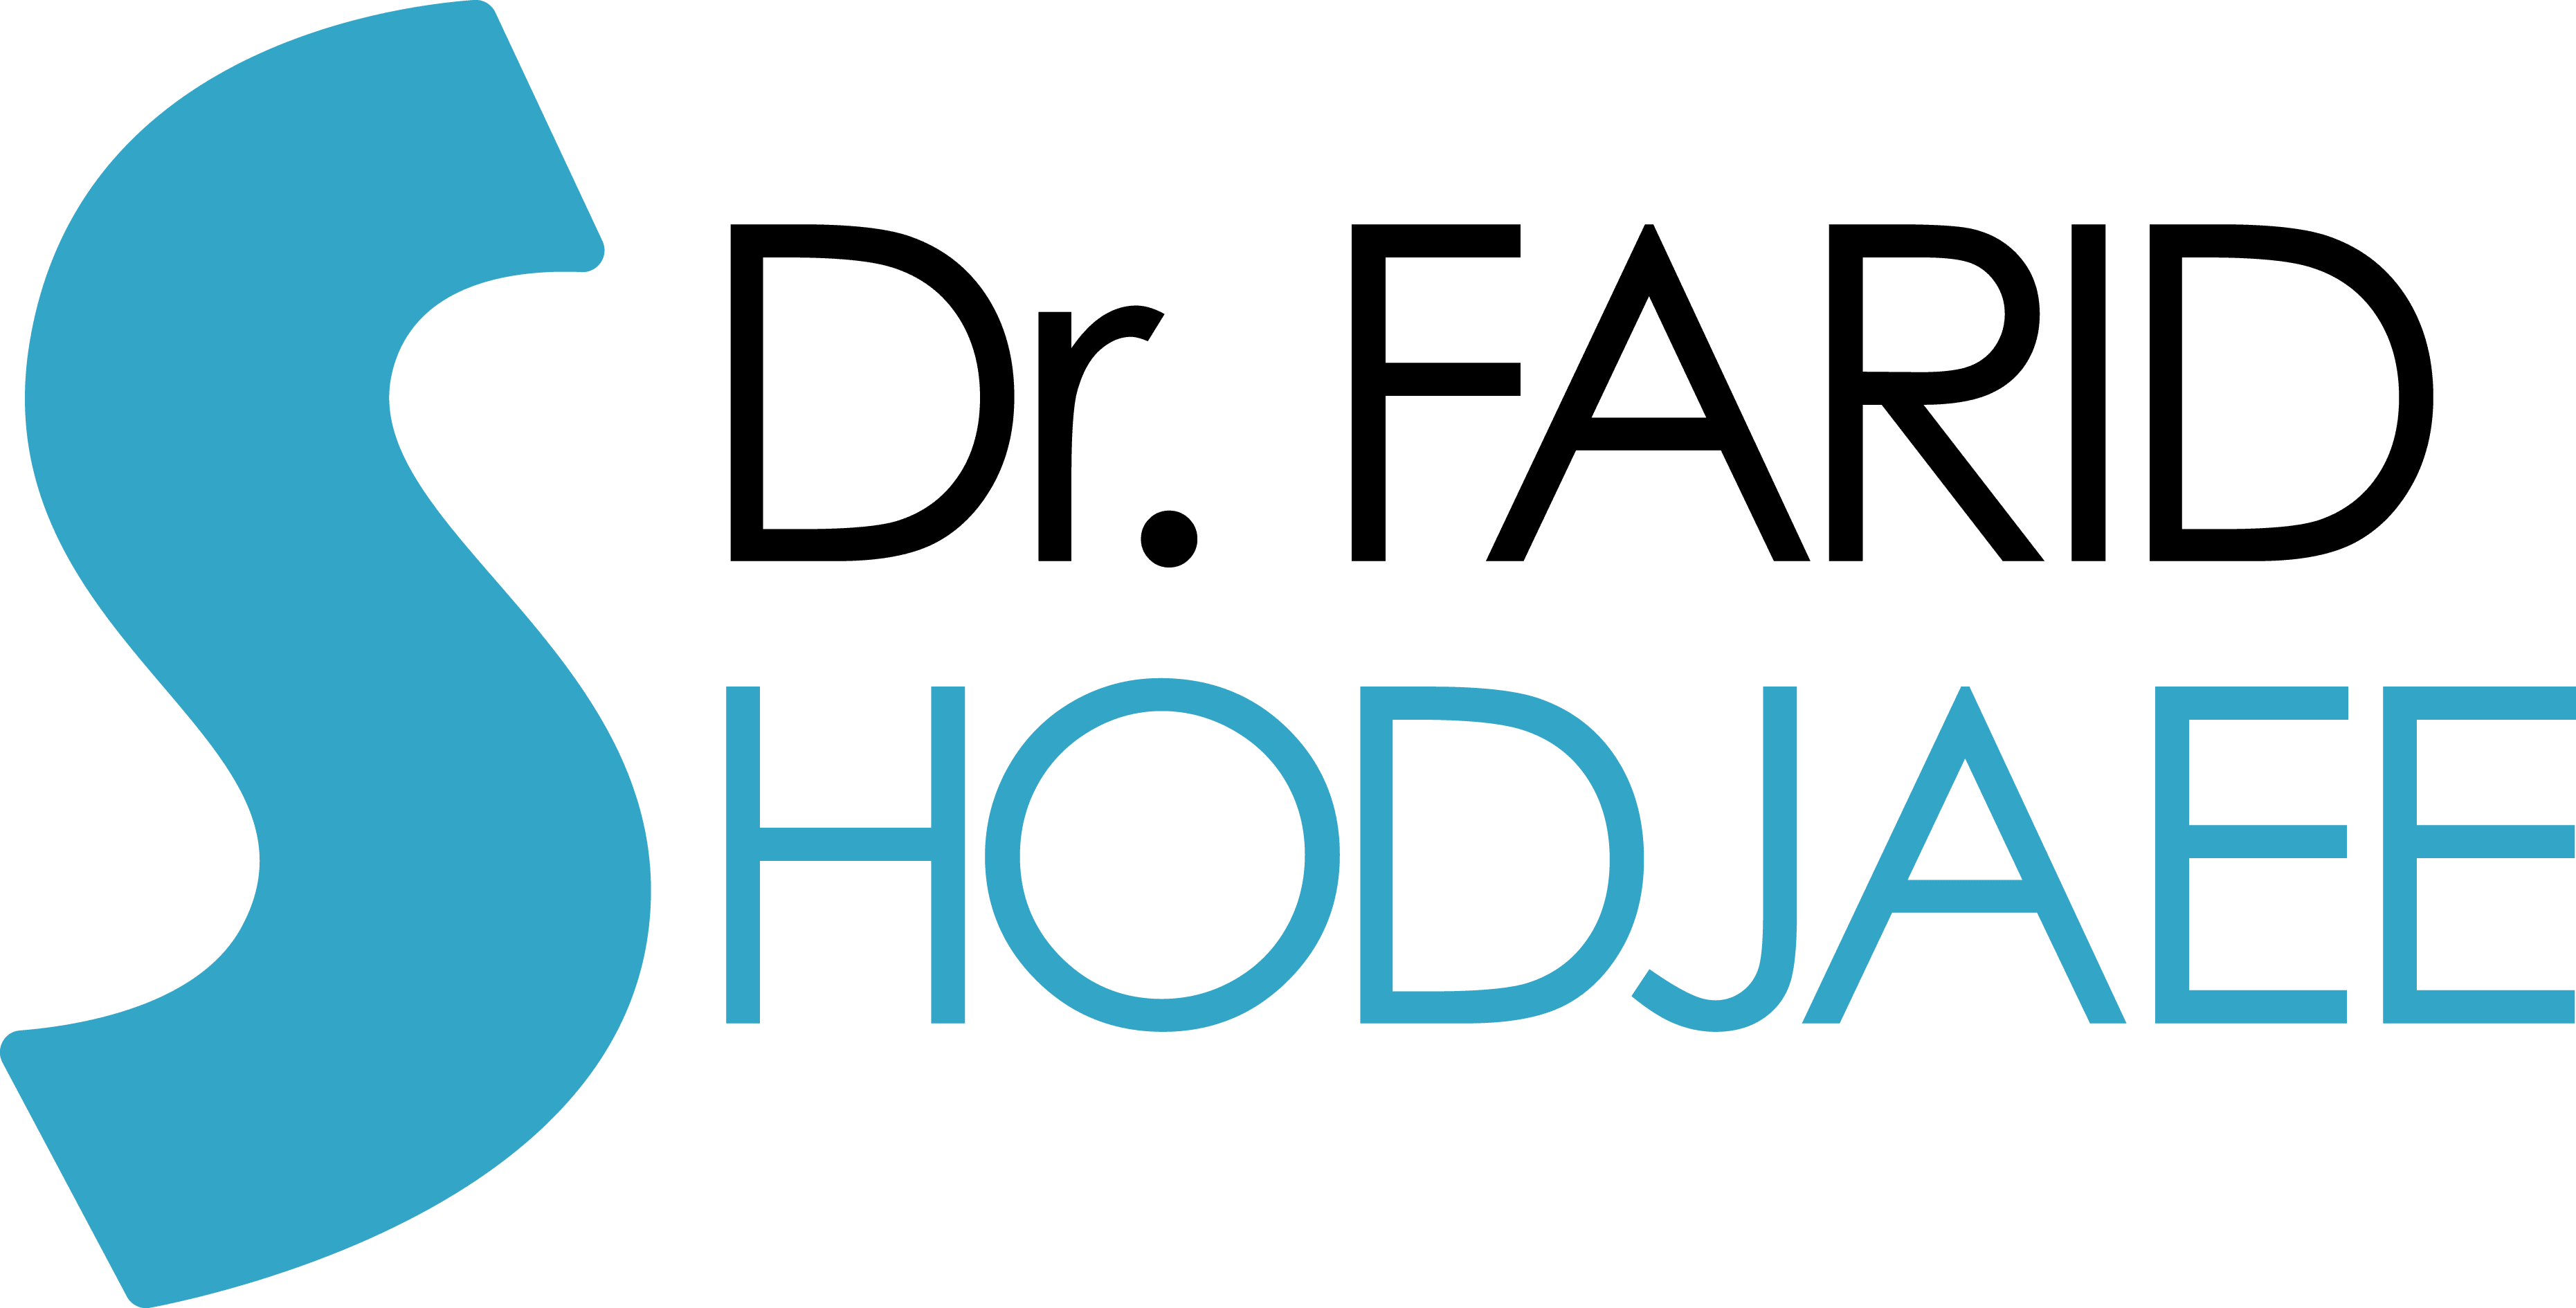 Dr. Farid Shodjaee